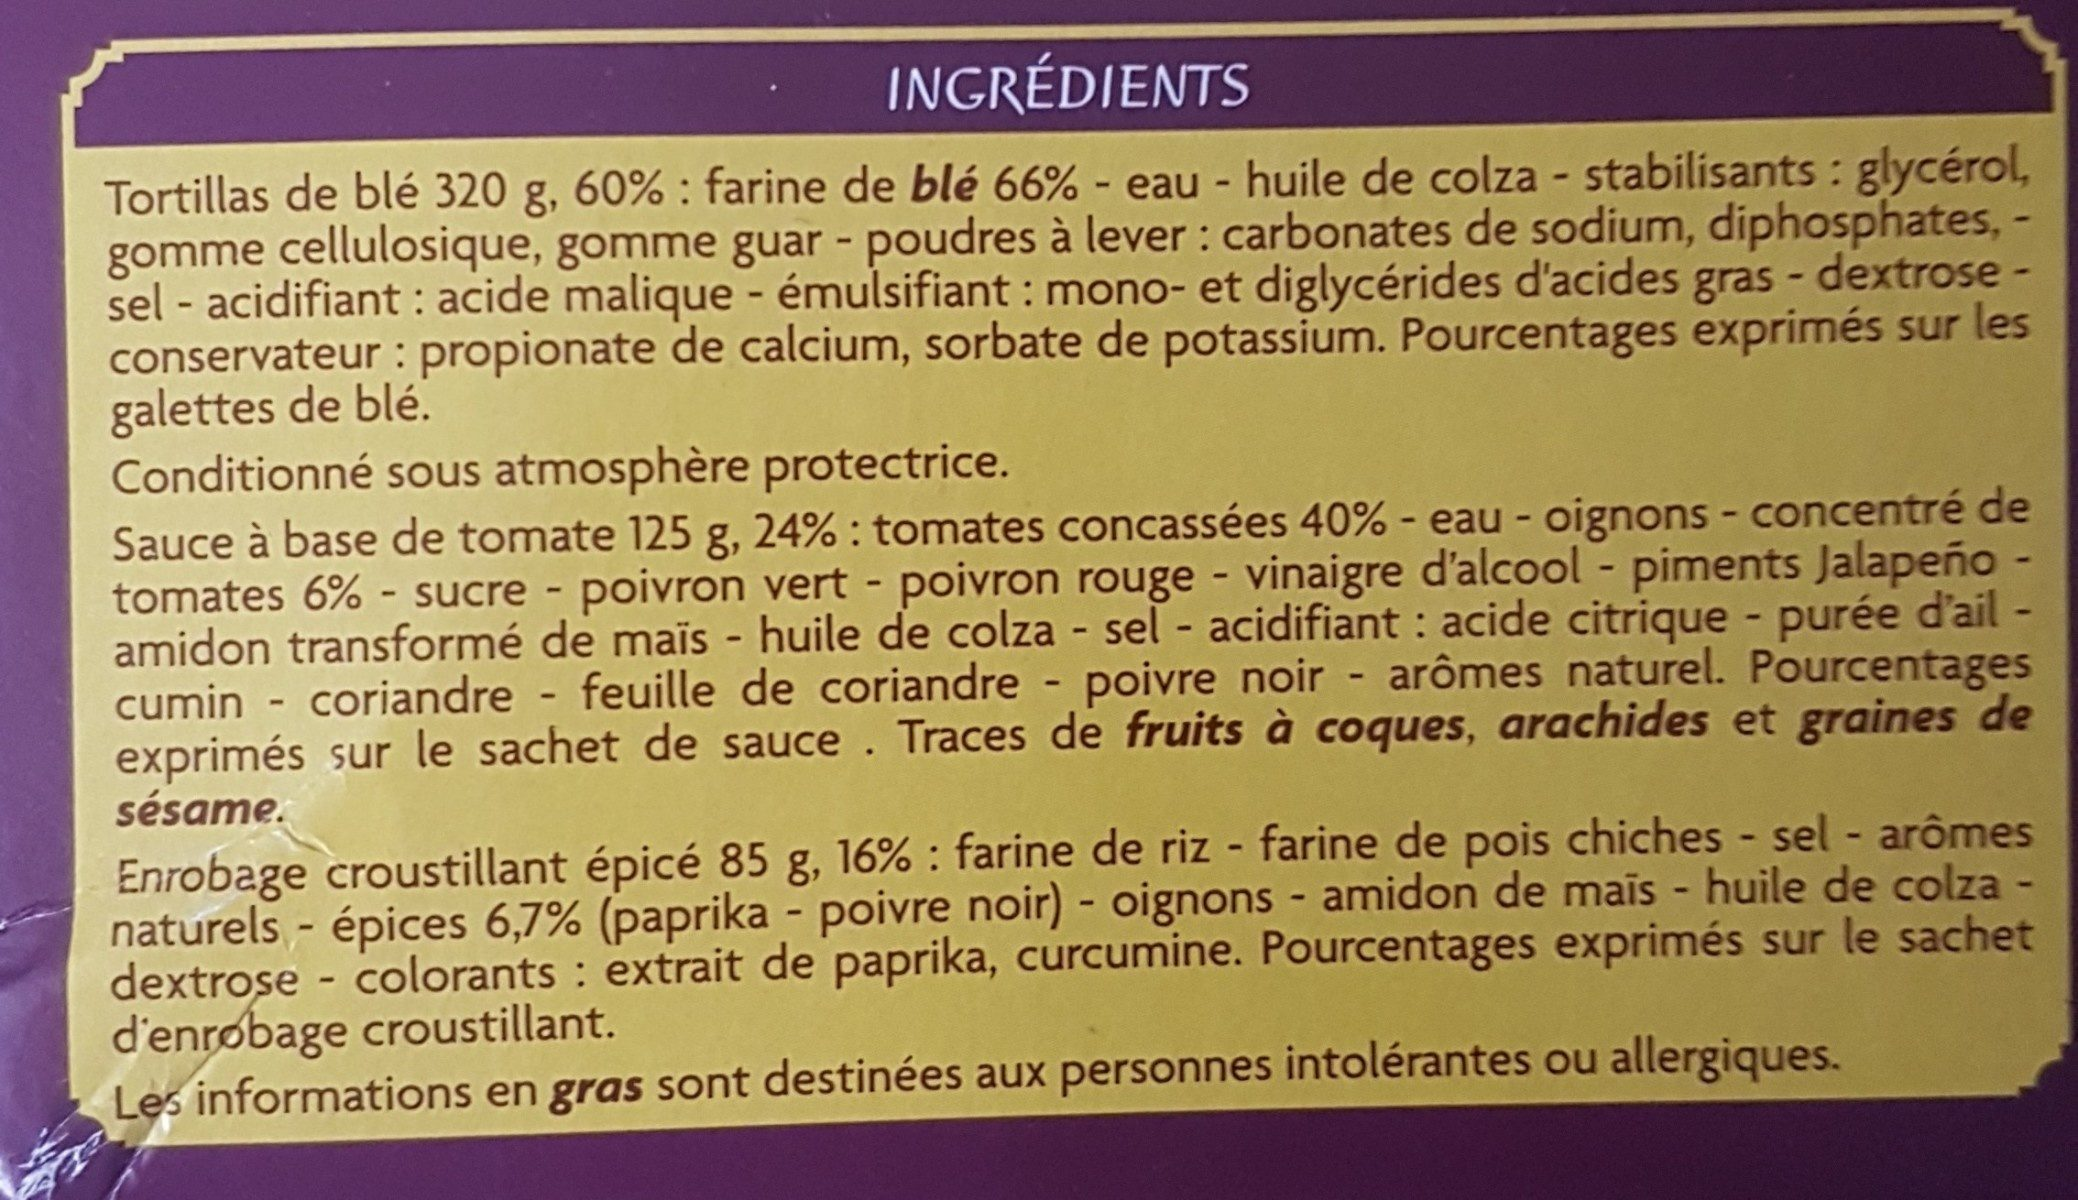 Kit crunchy fajitas - Ingredients